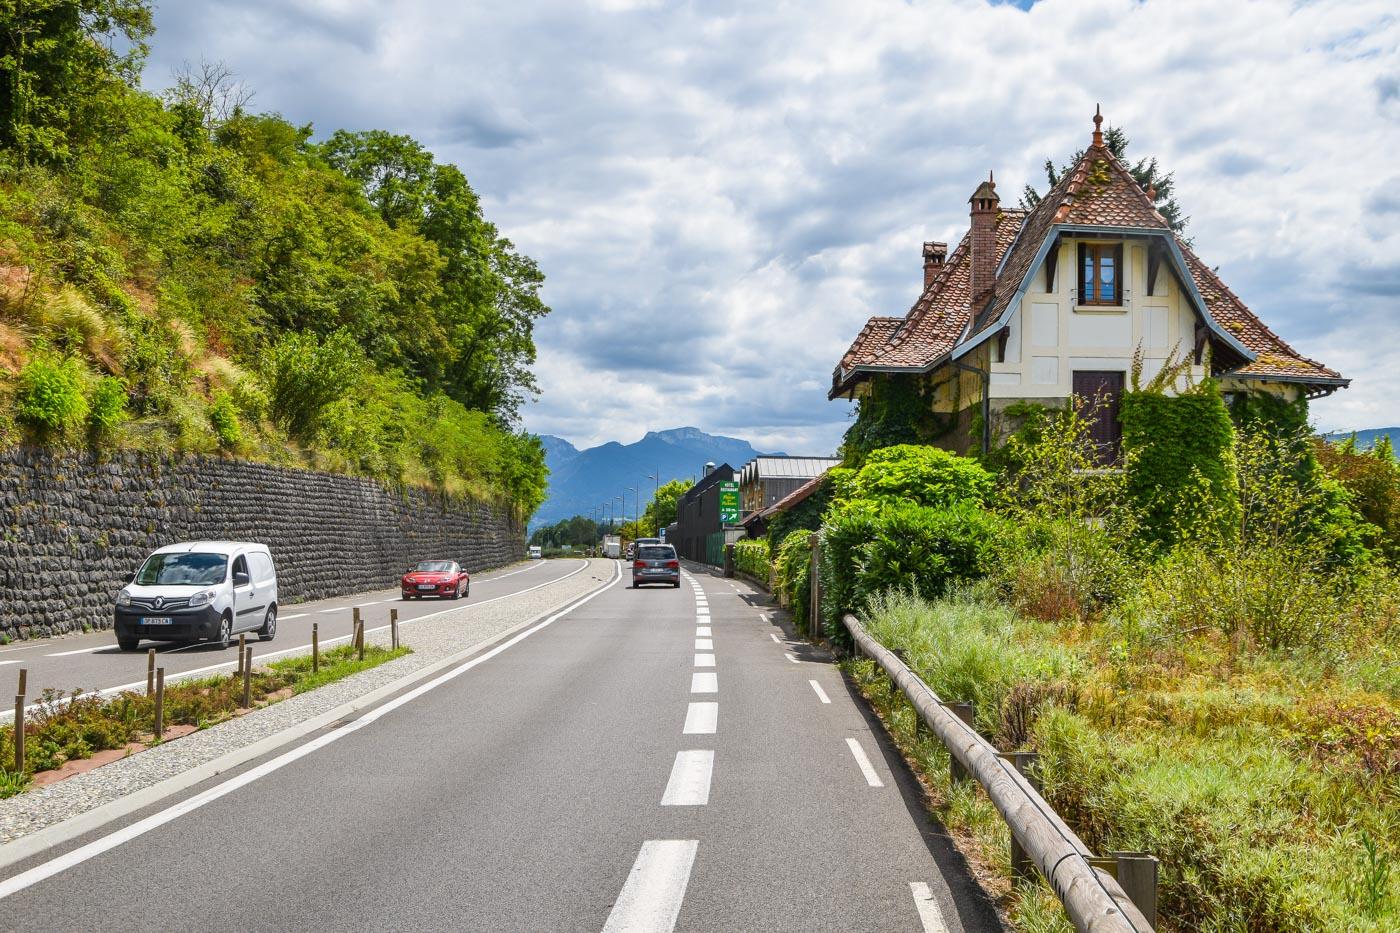 Велопутешествие по Европе. Франция - Шамбери